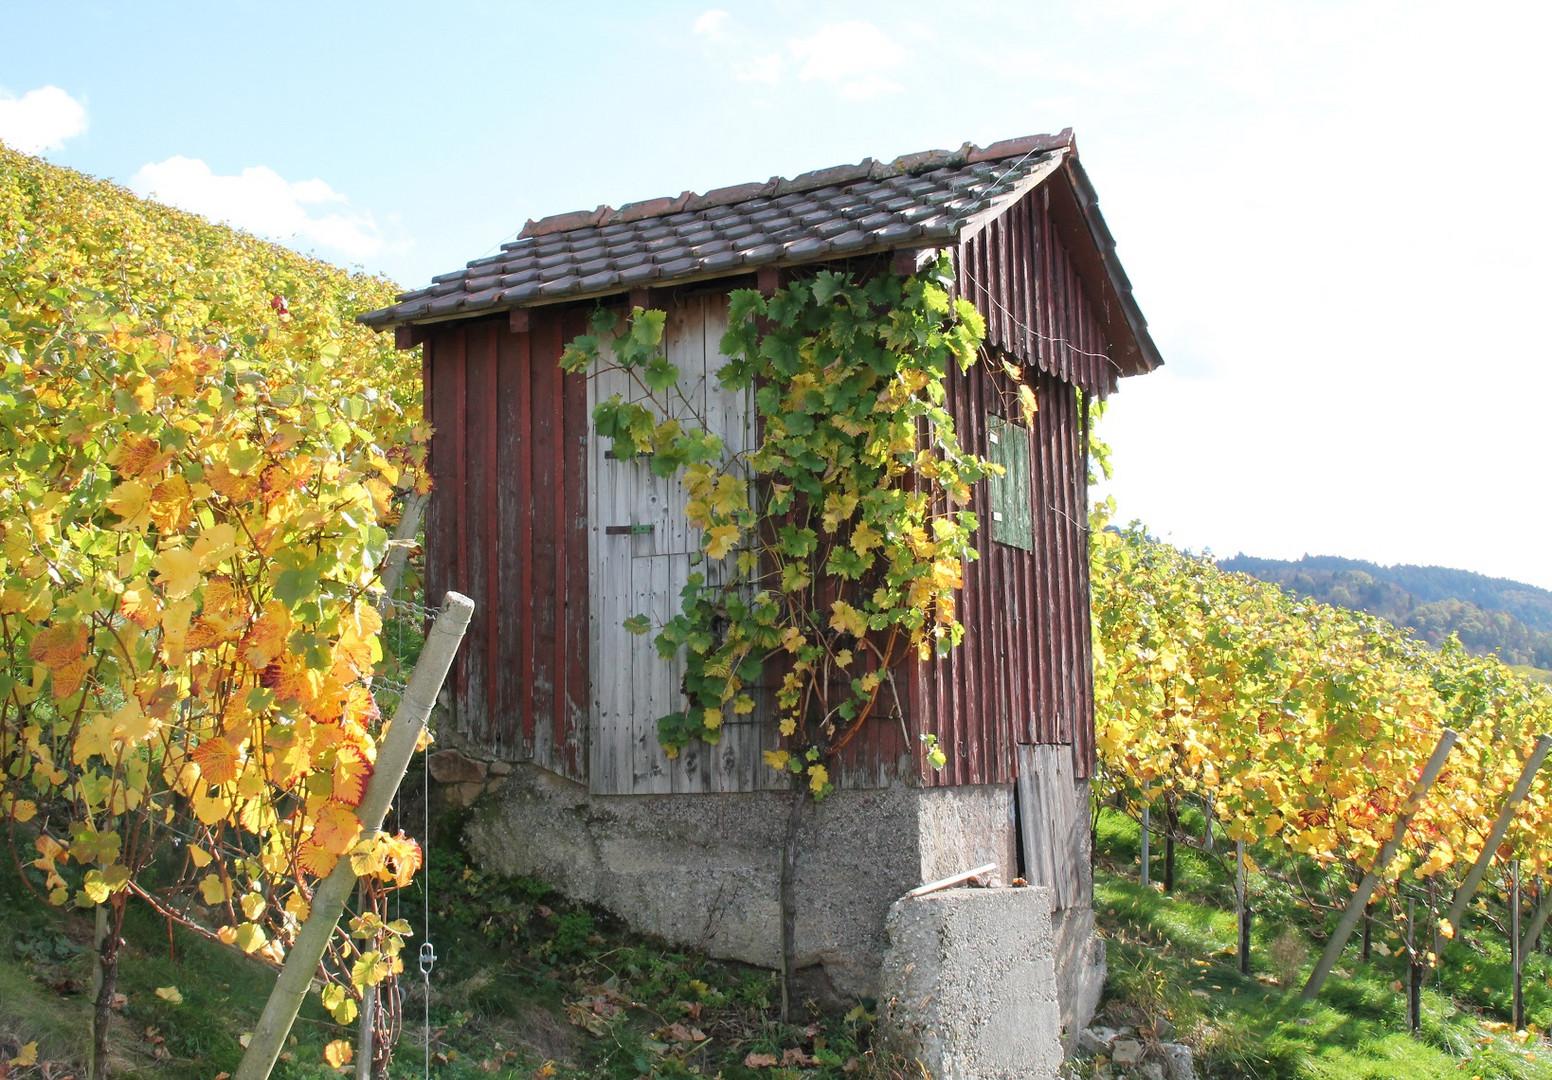 Hütte im Weinberg